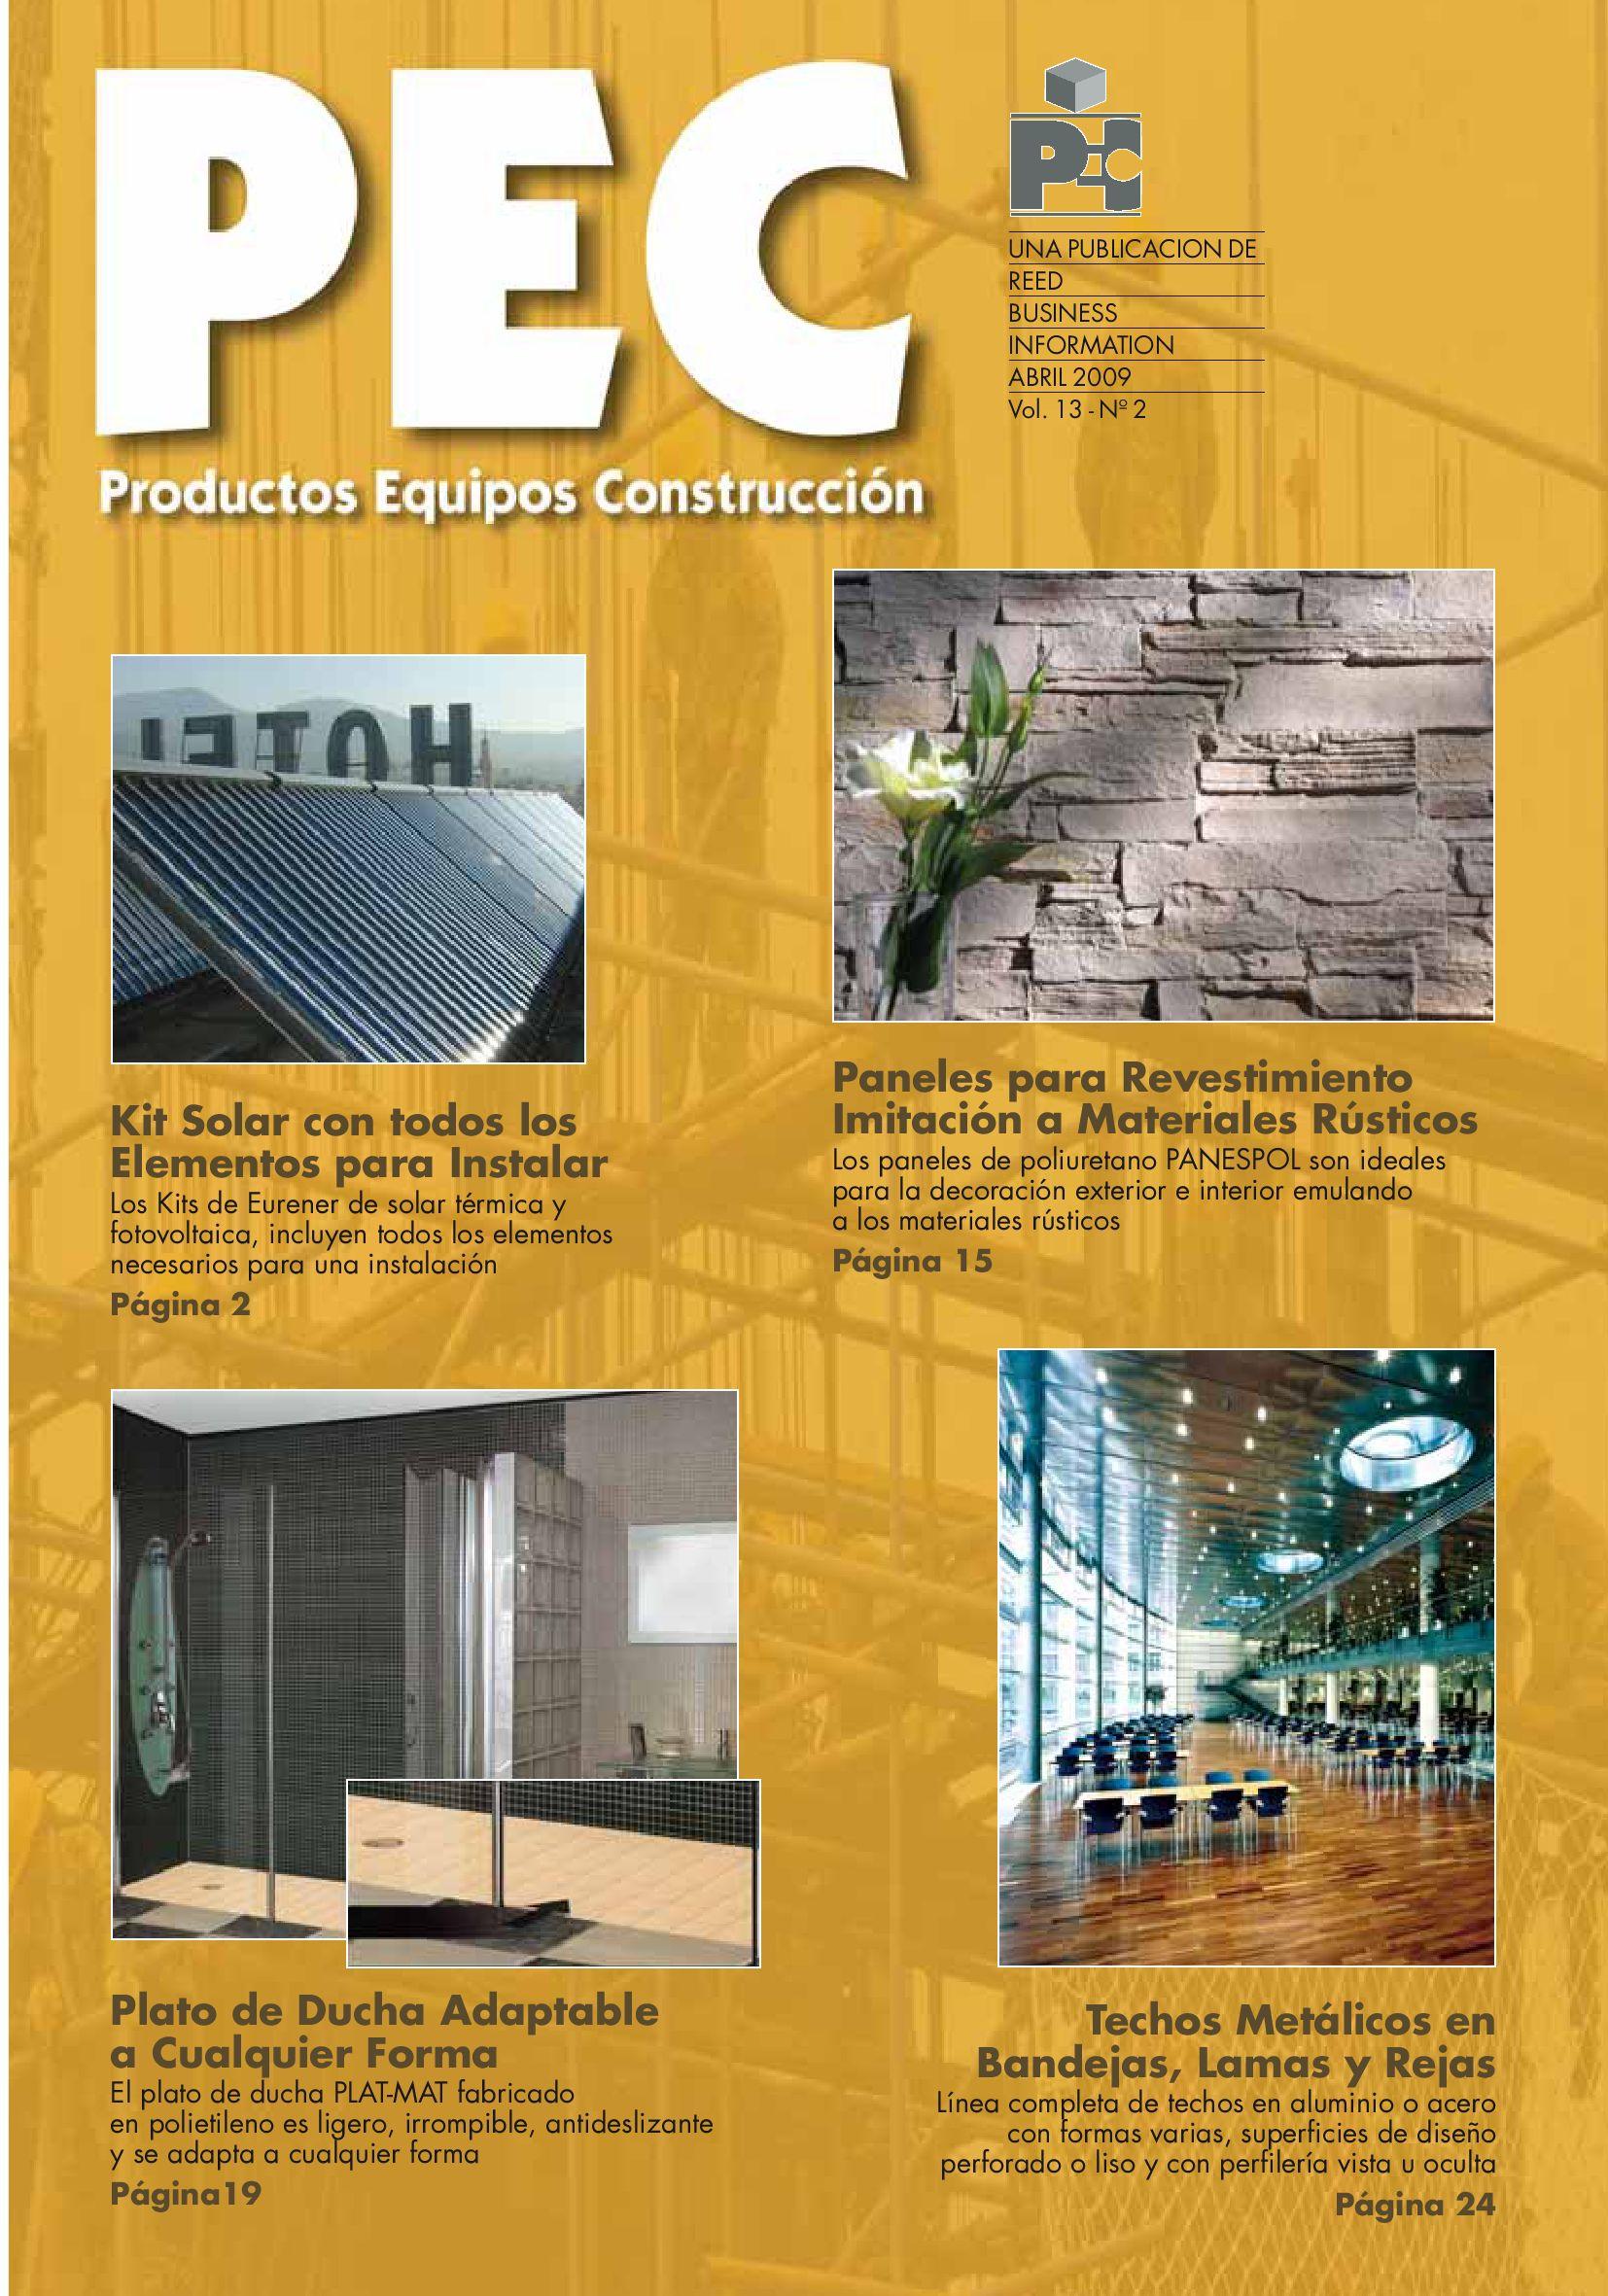 Productos Equipos Construcción by Arte Cemento - issuu